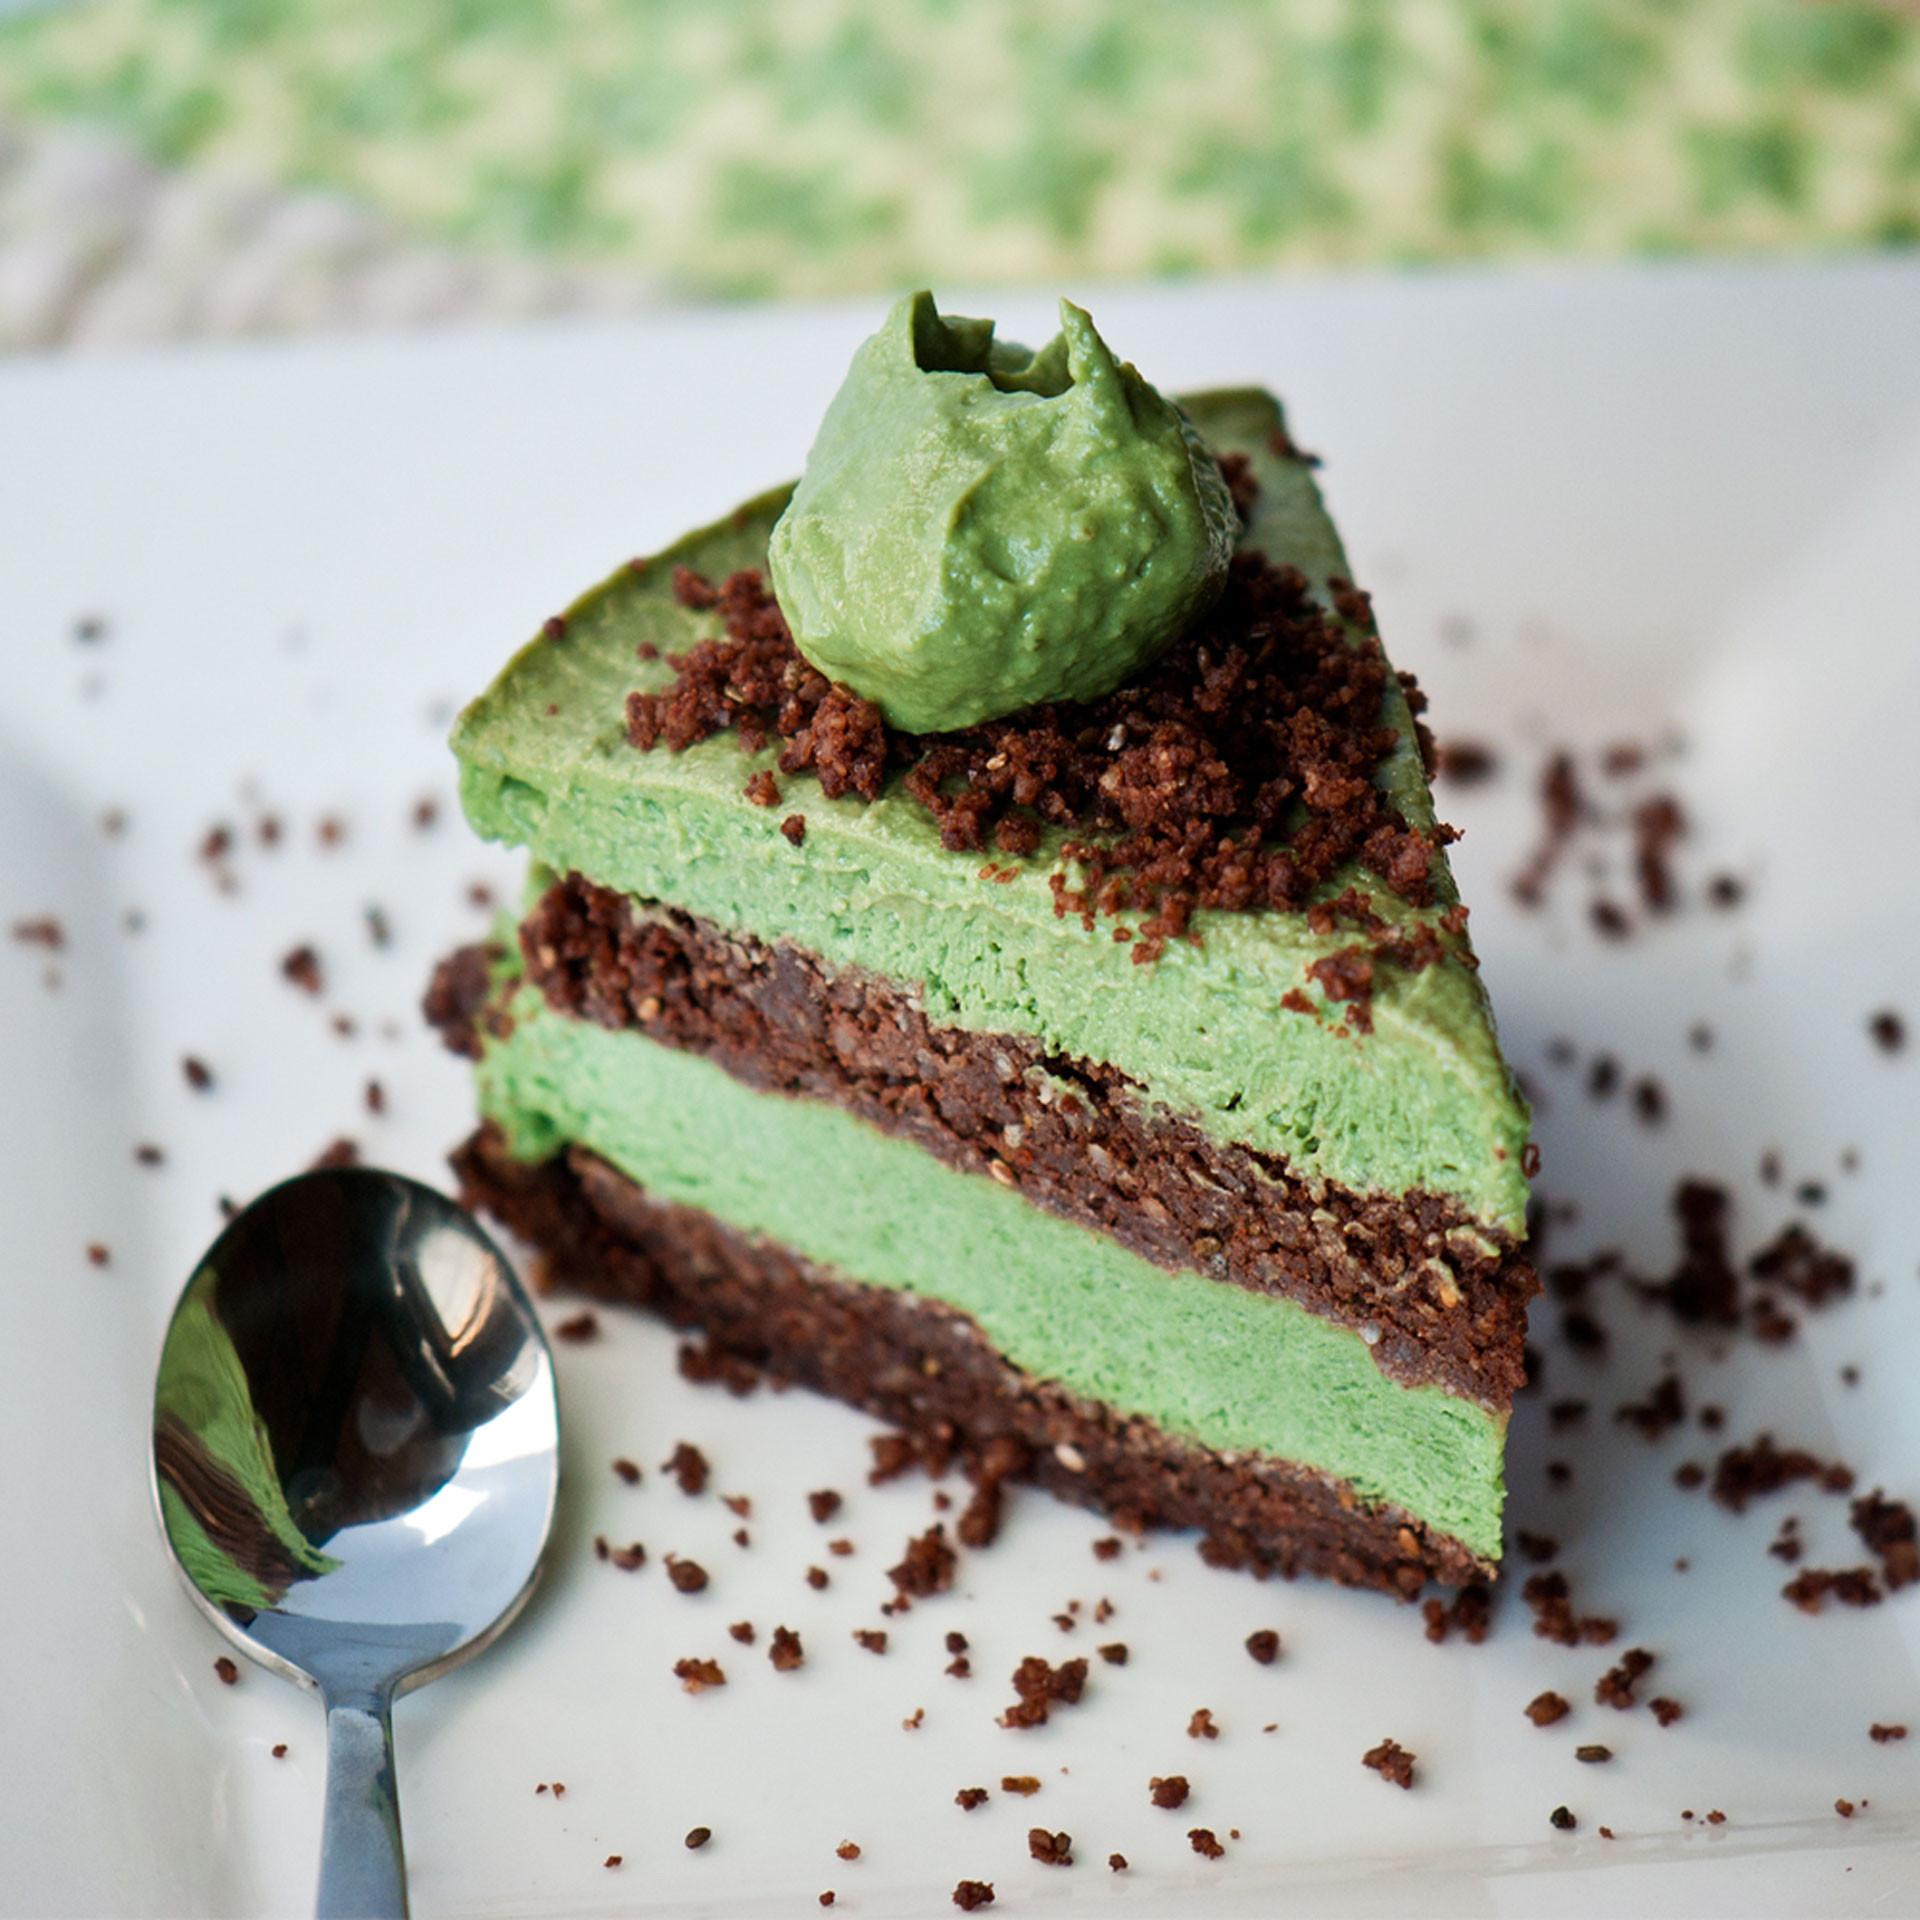 Healthy Dessert Ideas  Avocado Dessert Recipes Healthy Desserts Made with Avocado